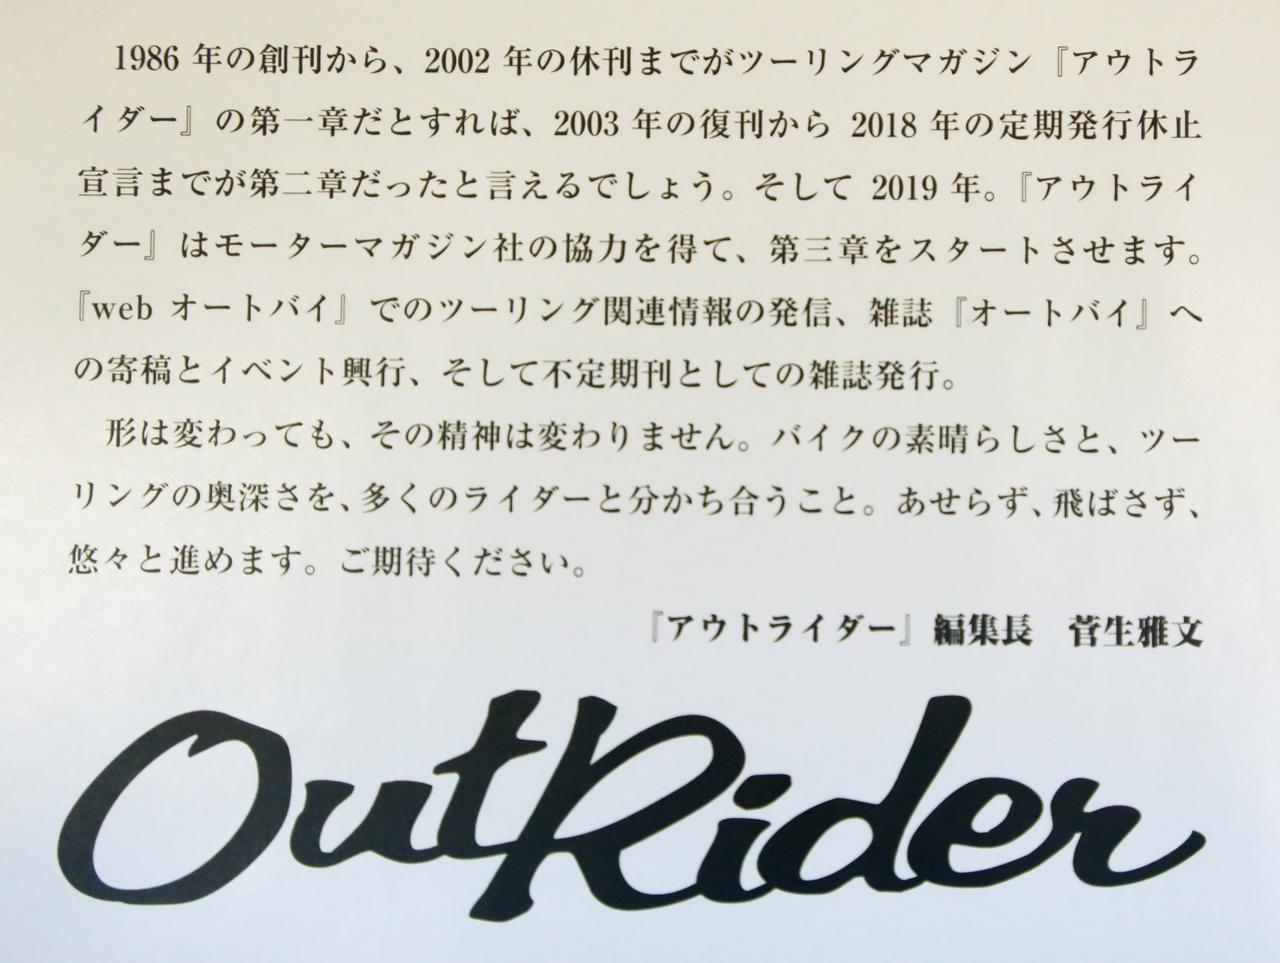 画像3: 同梱された一枚の写真の裏側に、菅生氏の決意表明が記されています。